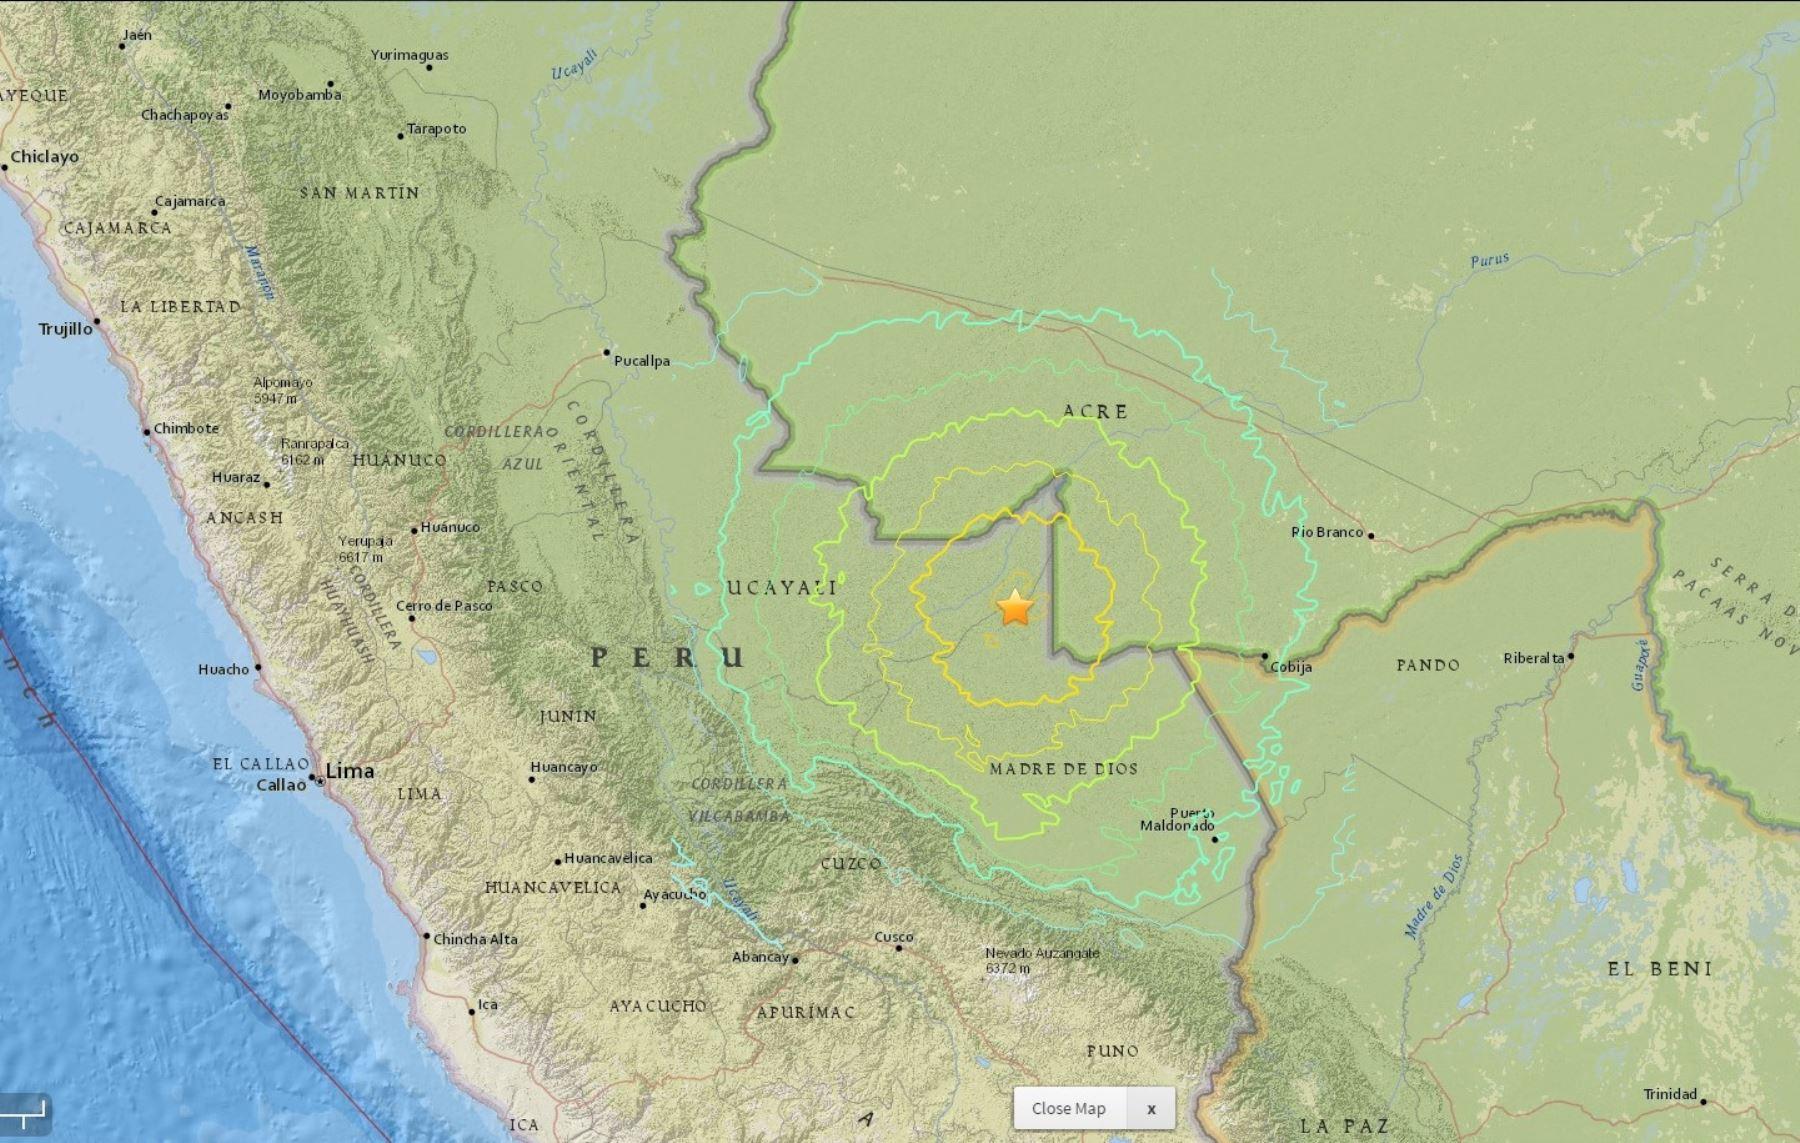 Fuerte sismo se sintió en diversas regiones del país. INTERNET